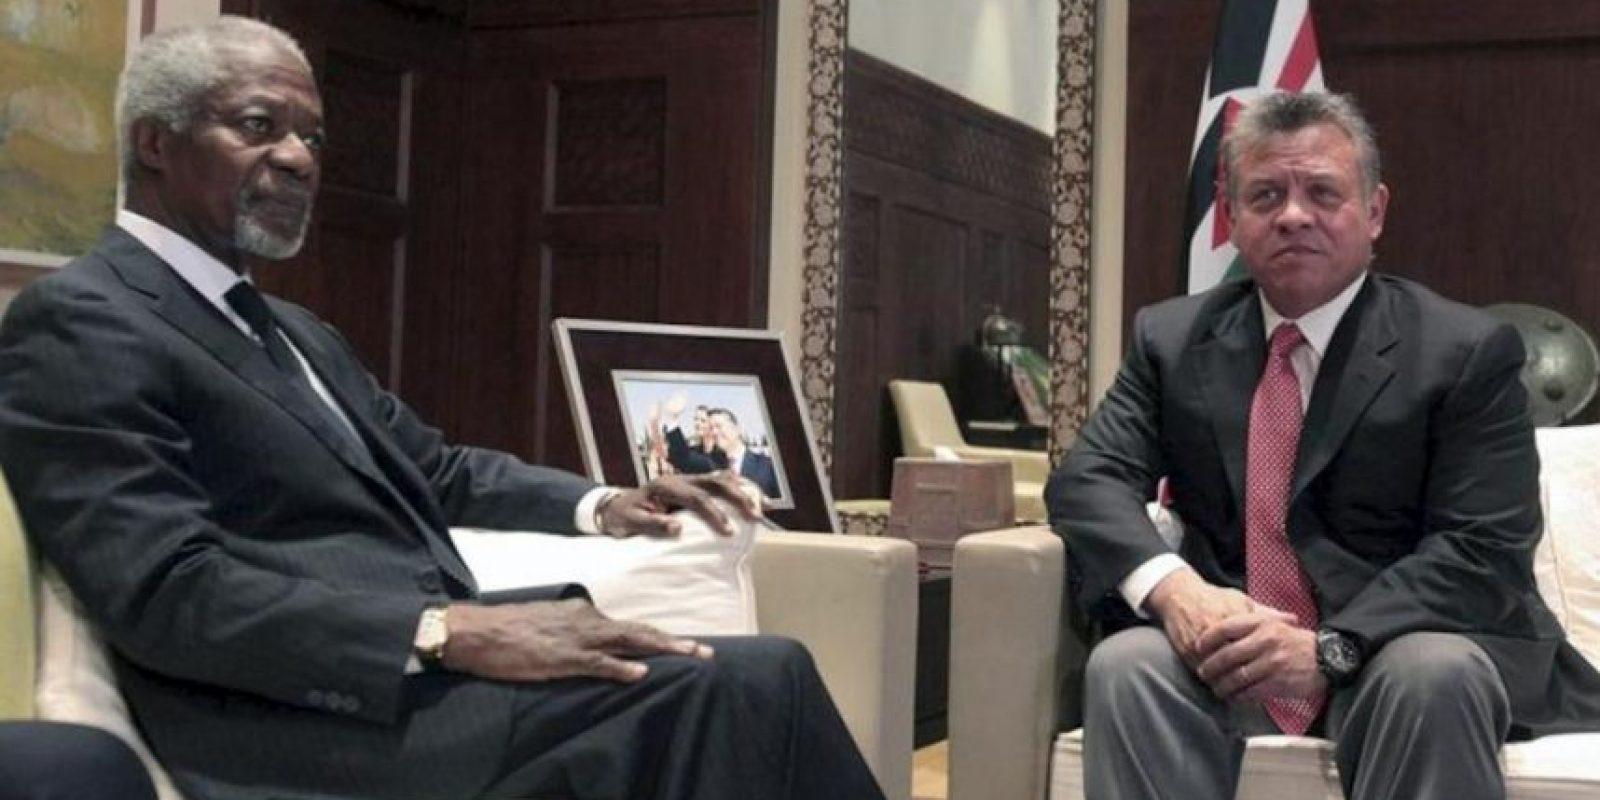 El rey Abdulá II de Jordania (d) y el enviado especial de la ONU a Siria, Kofi Annan, durante la reunión que celebraron en Amán, Jordania, hoy, 31 de mayo. EFE